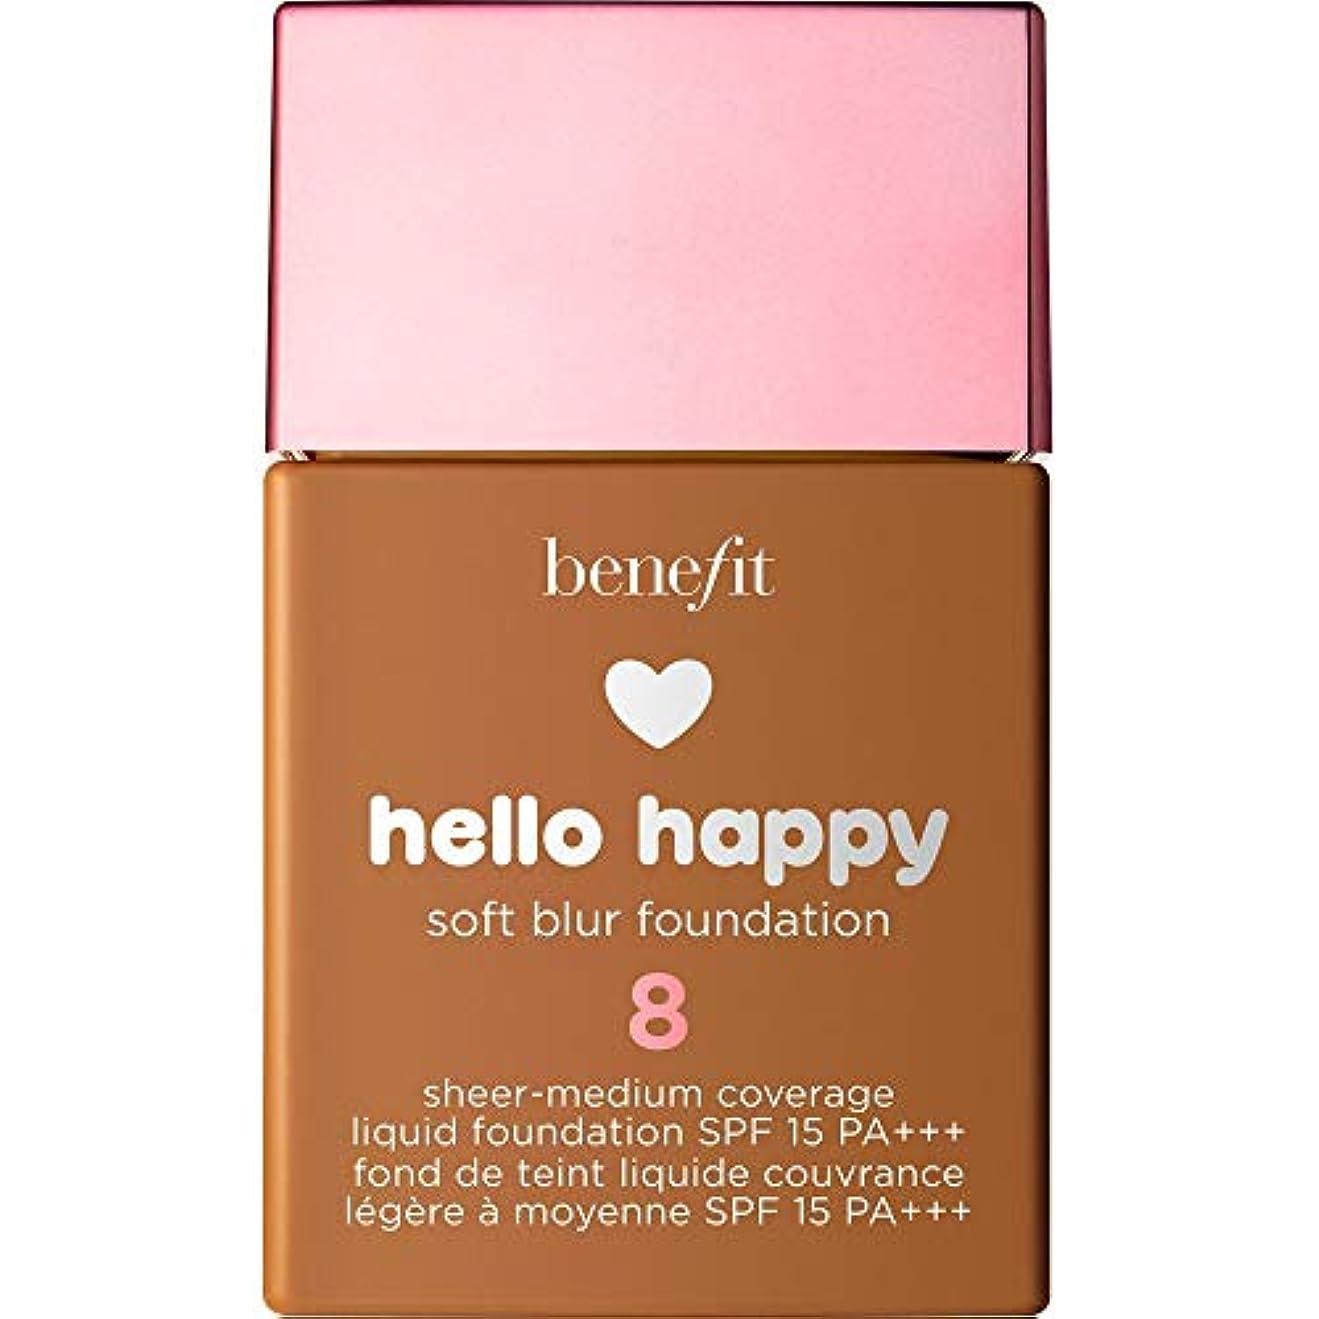 故国と遊ぶその後[Benefit ] 利益こんにちは幸せなソフトブラー基礎Spf15 30ミリリットル8 - 日焼け暖かいです - Benefit Hello Happy Soft Blur Foundation SPF15 30ml...